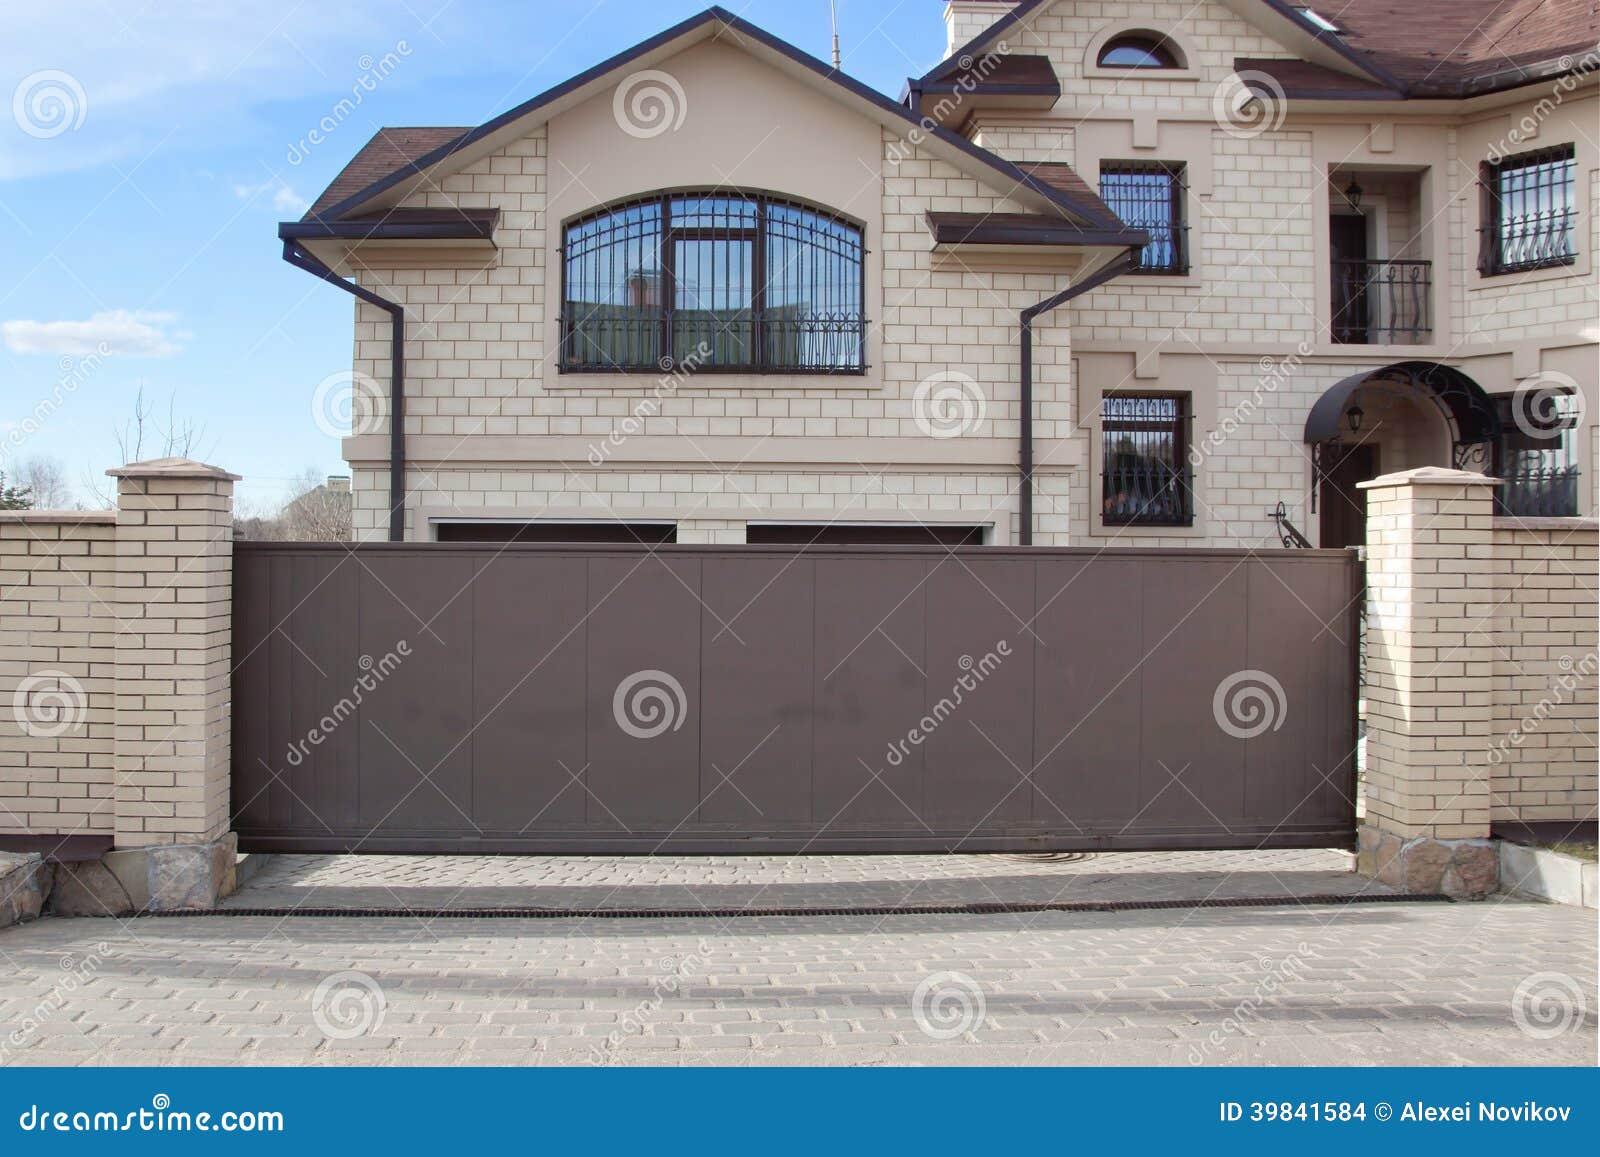 automatische poort en enig rood huis xxxl stock foto. Black Bedroom Furniture Sets. Home Design Ideas